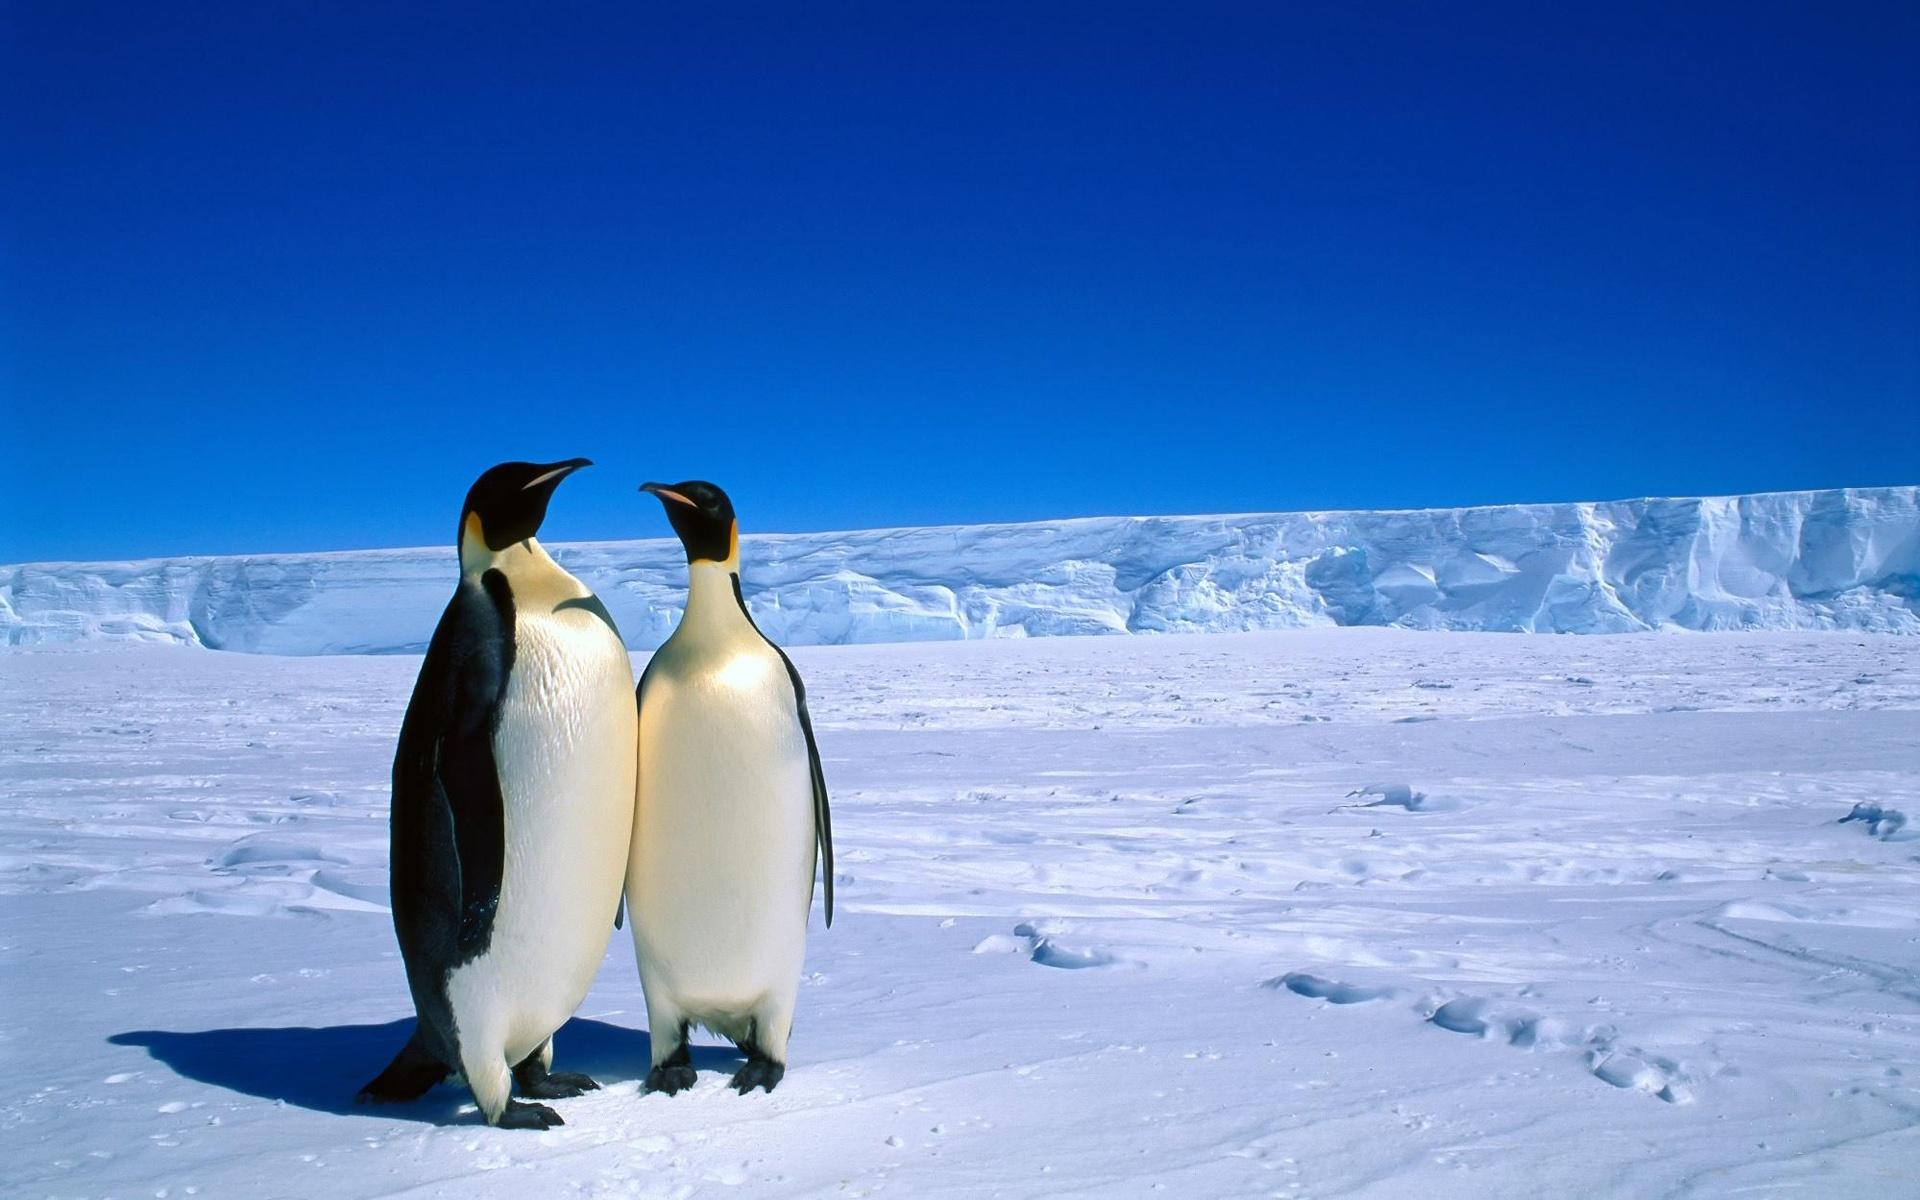 Nuova selezione di 20 bellissime immagini di animali ad for Desktop alta definizione